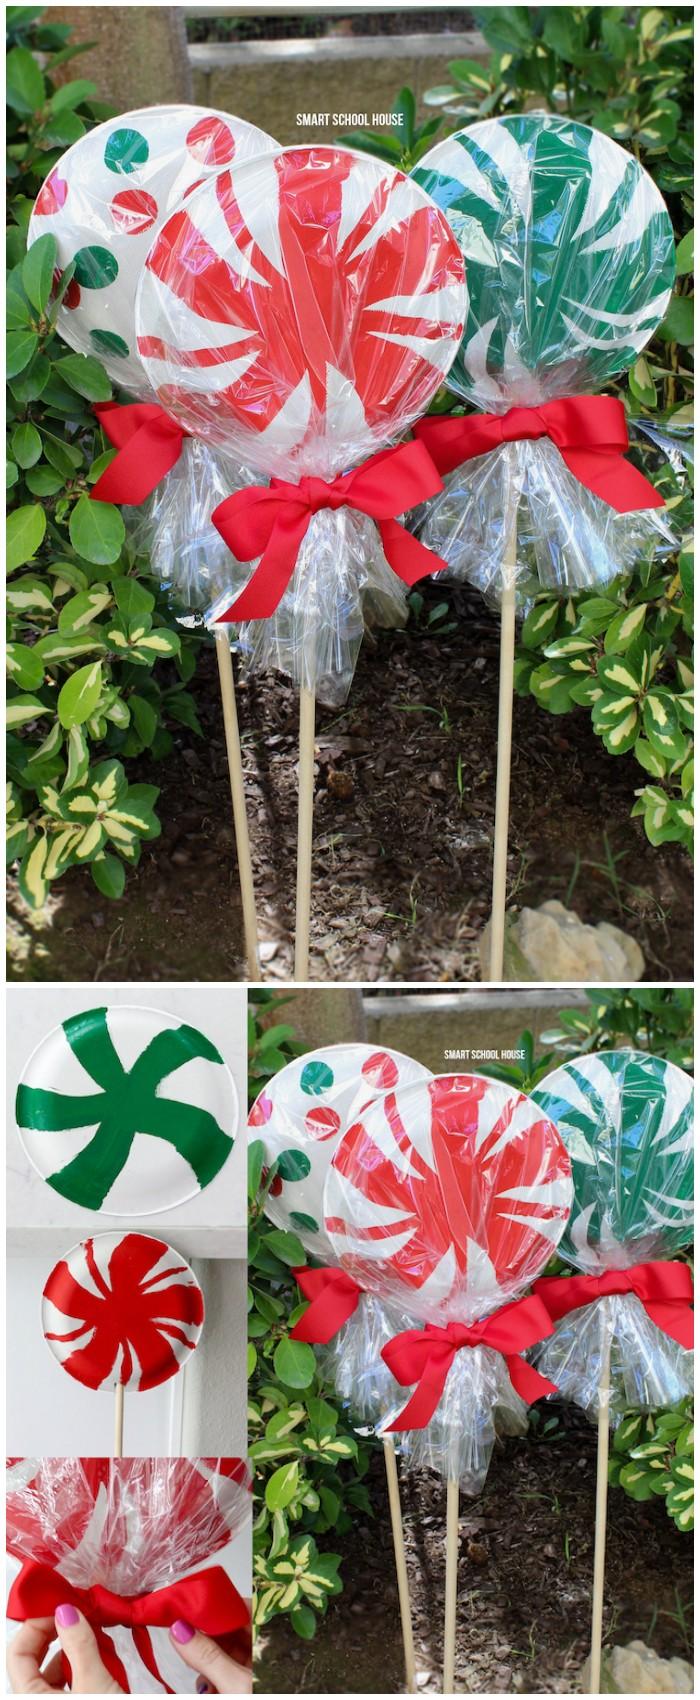 21 Cheap DIY Outdoor Christmas Decorations | DIY Home Decor on Easy Diy Garden Decor id=67560